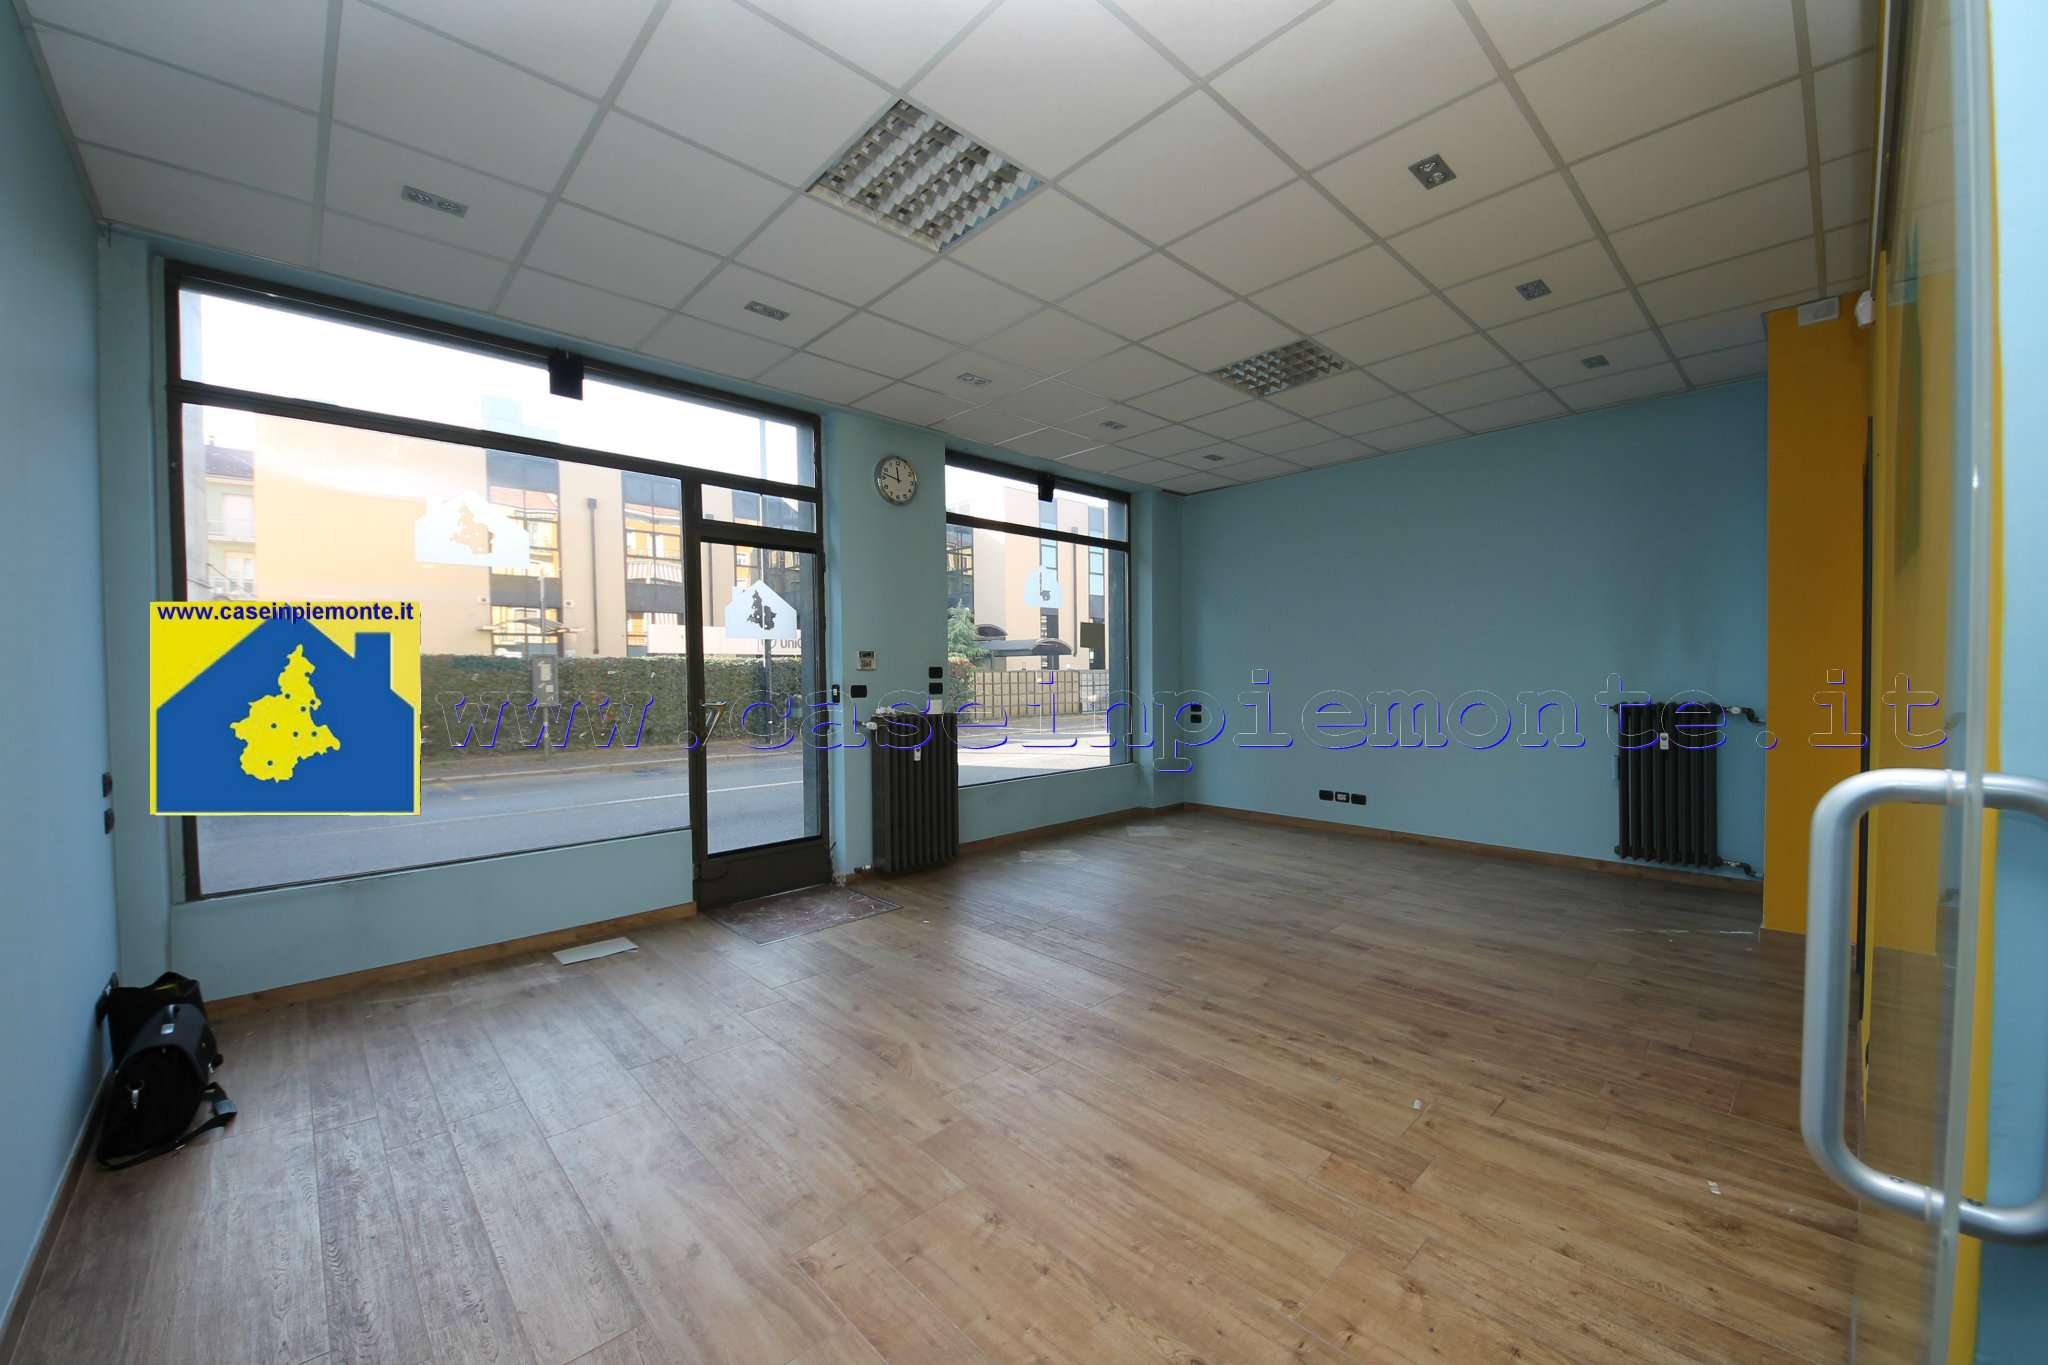 Ufficio / Studio in vendita a Alpignano, 2 locali, prezzo € 107.000 | CambioCasa.it